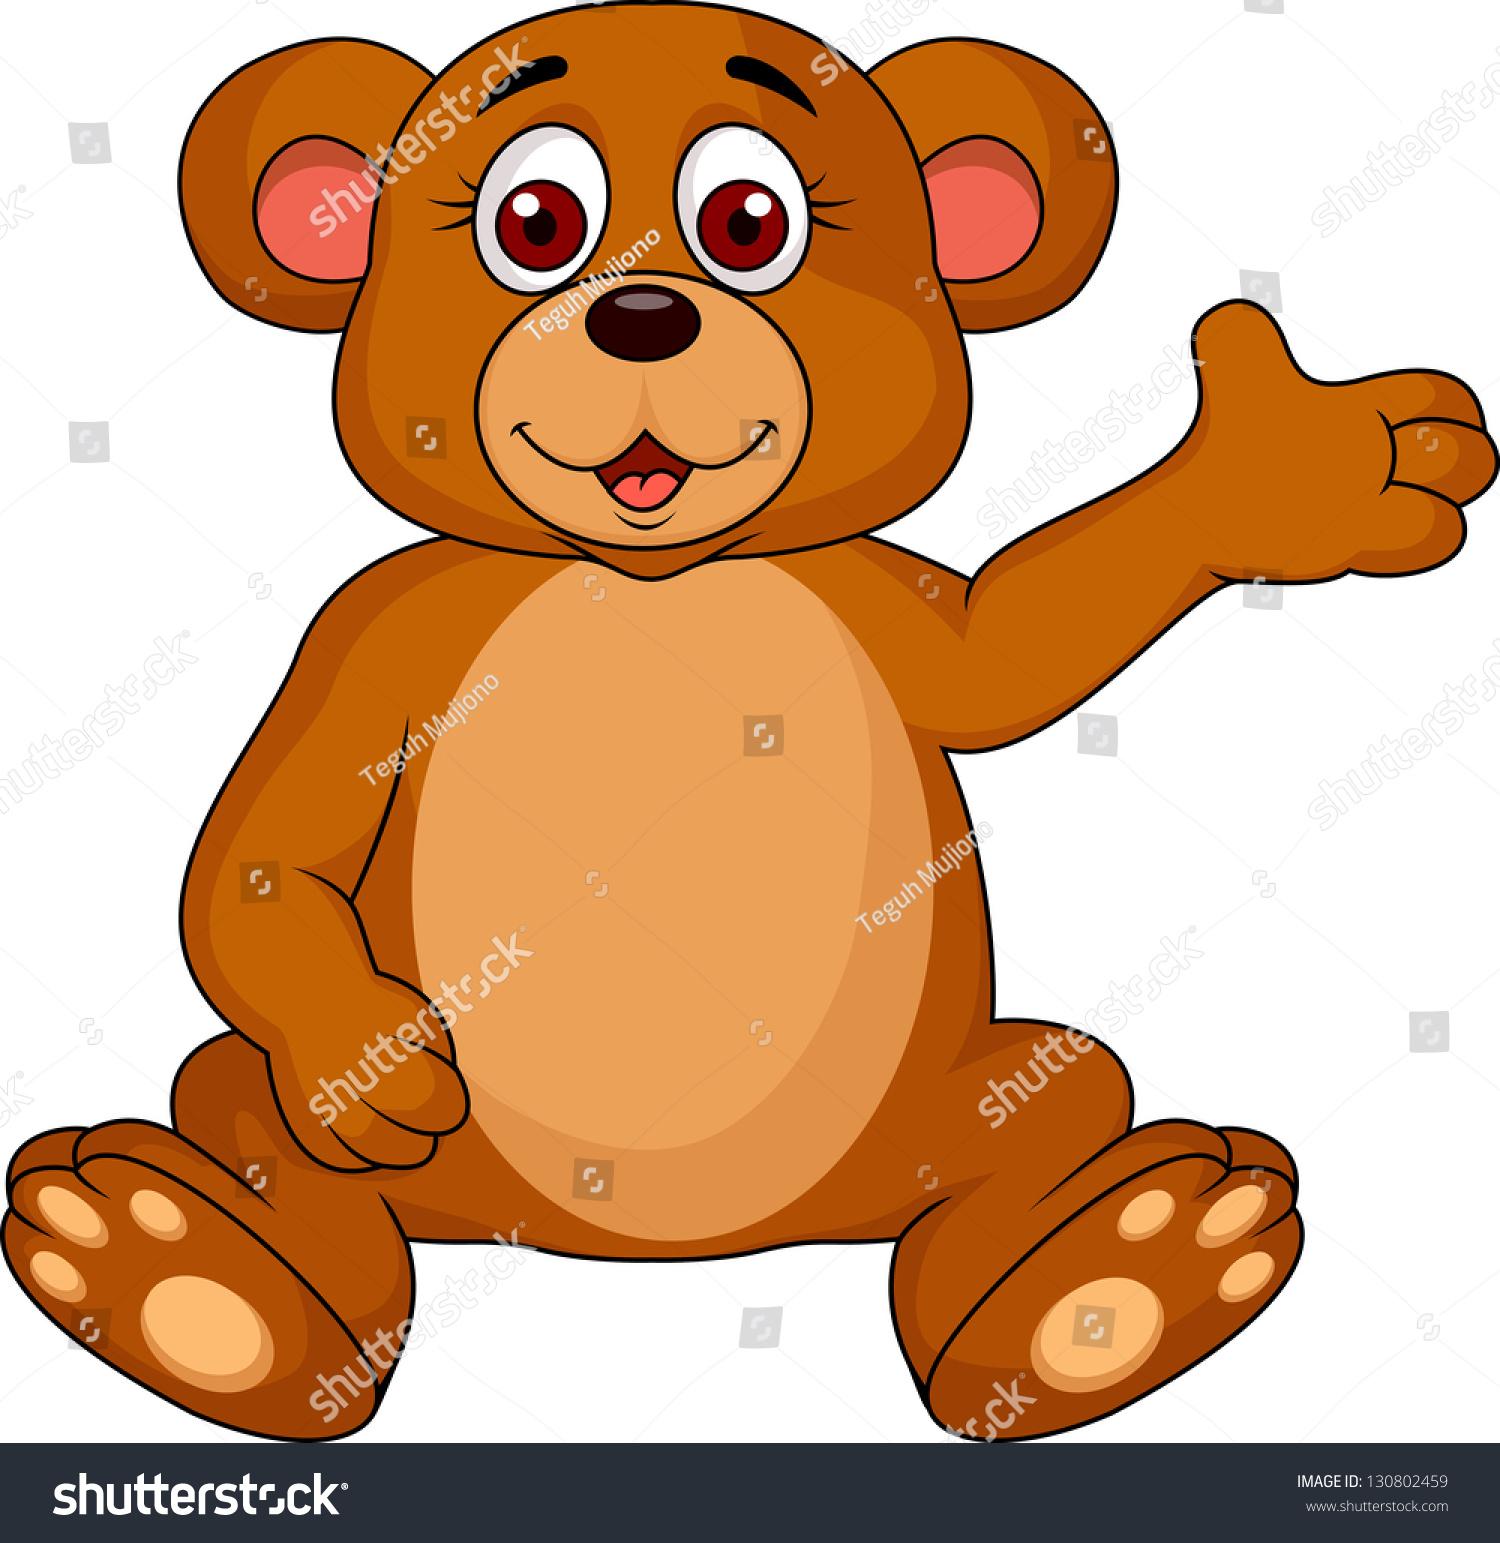 可爱的小熊卡通-动物/野生生物-海洛创意(hellorf)--.